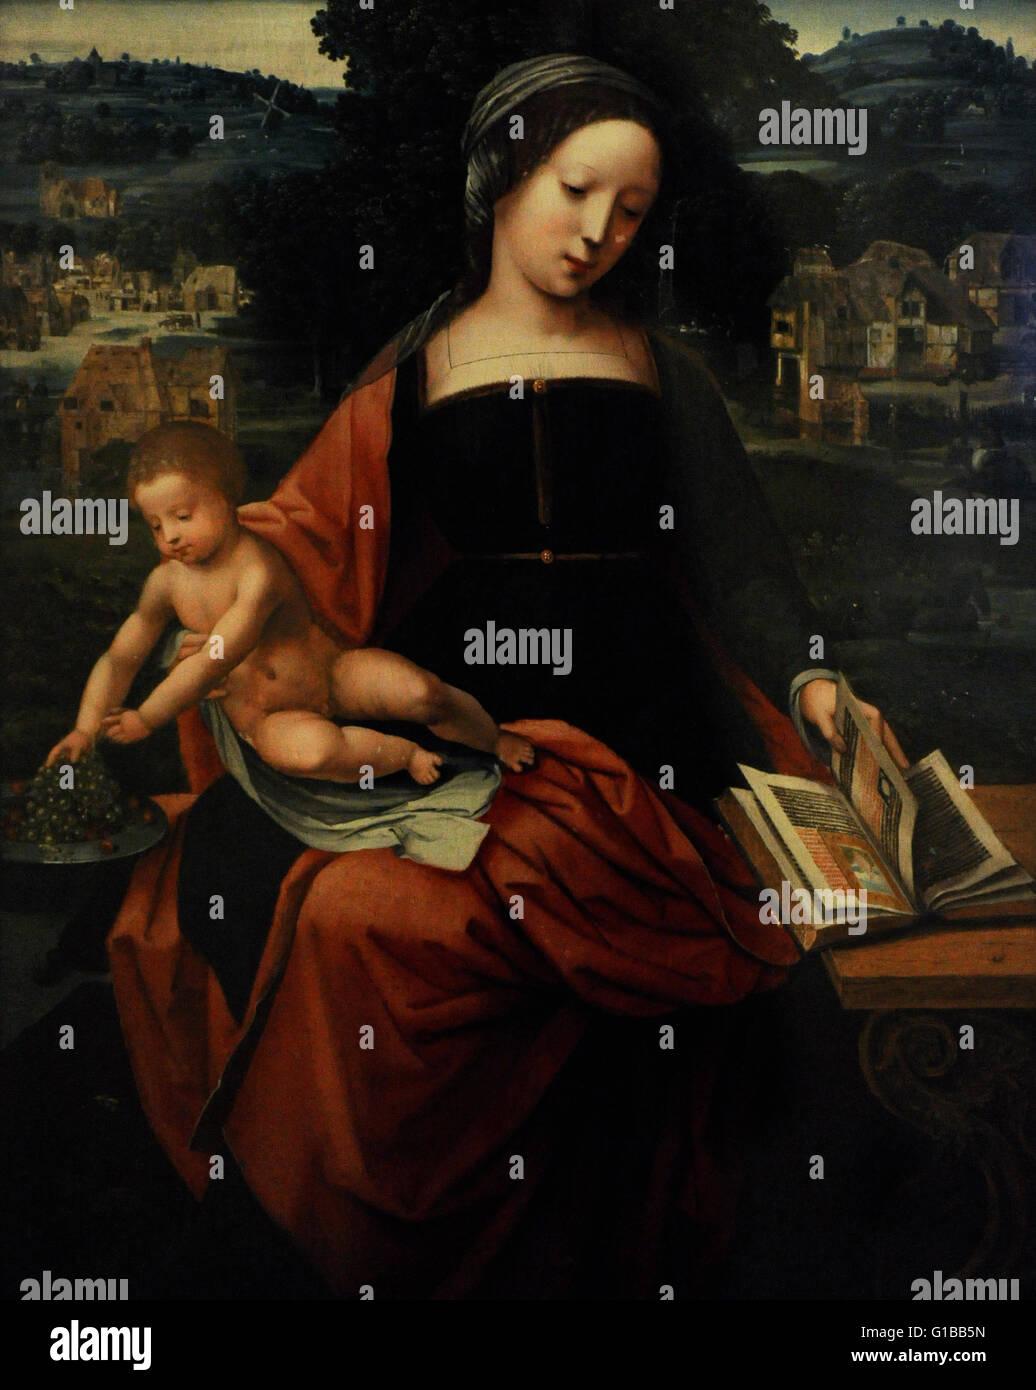 Meister der weiblichen Halbfiguren. 16. Jahrhundert. Die Jungfrau und das Kind. Die Eremitage. Sankt Petersburg. Stockbild